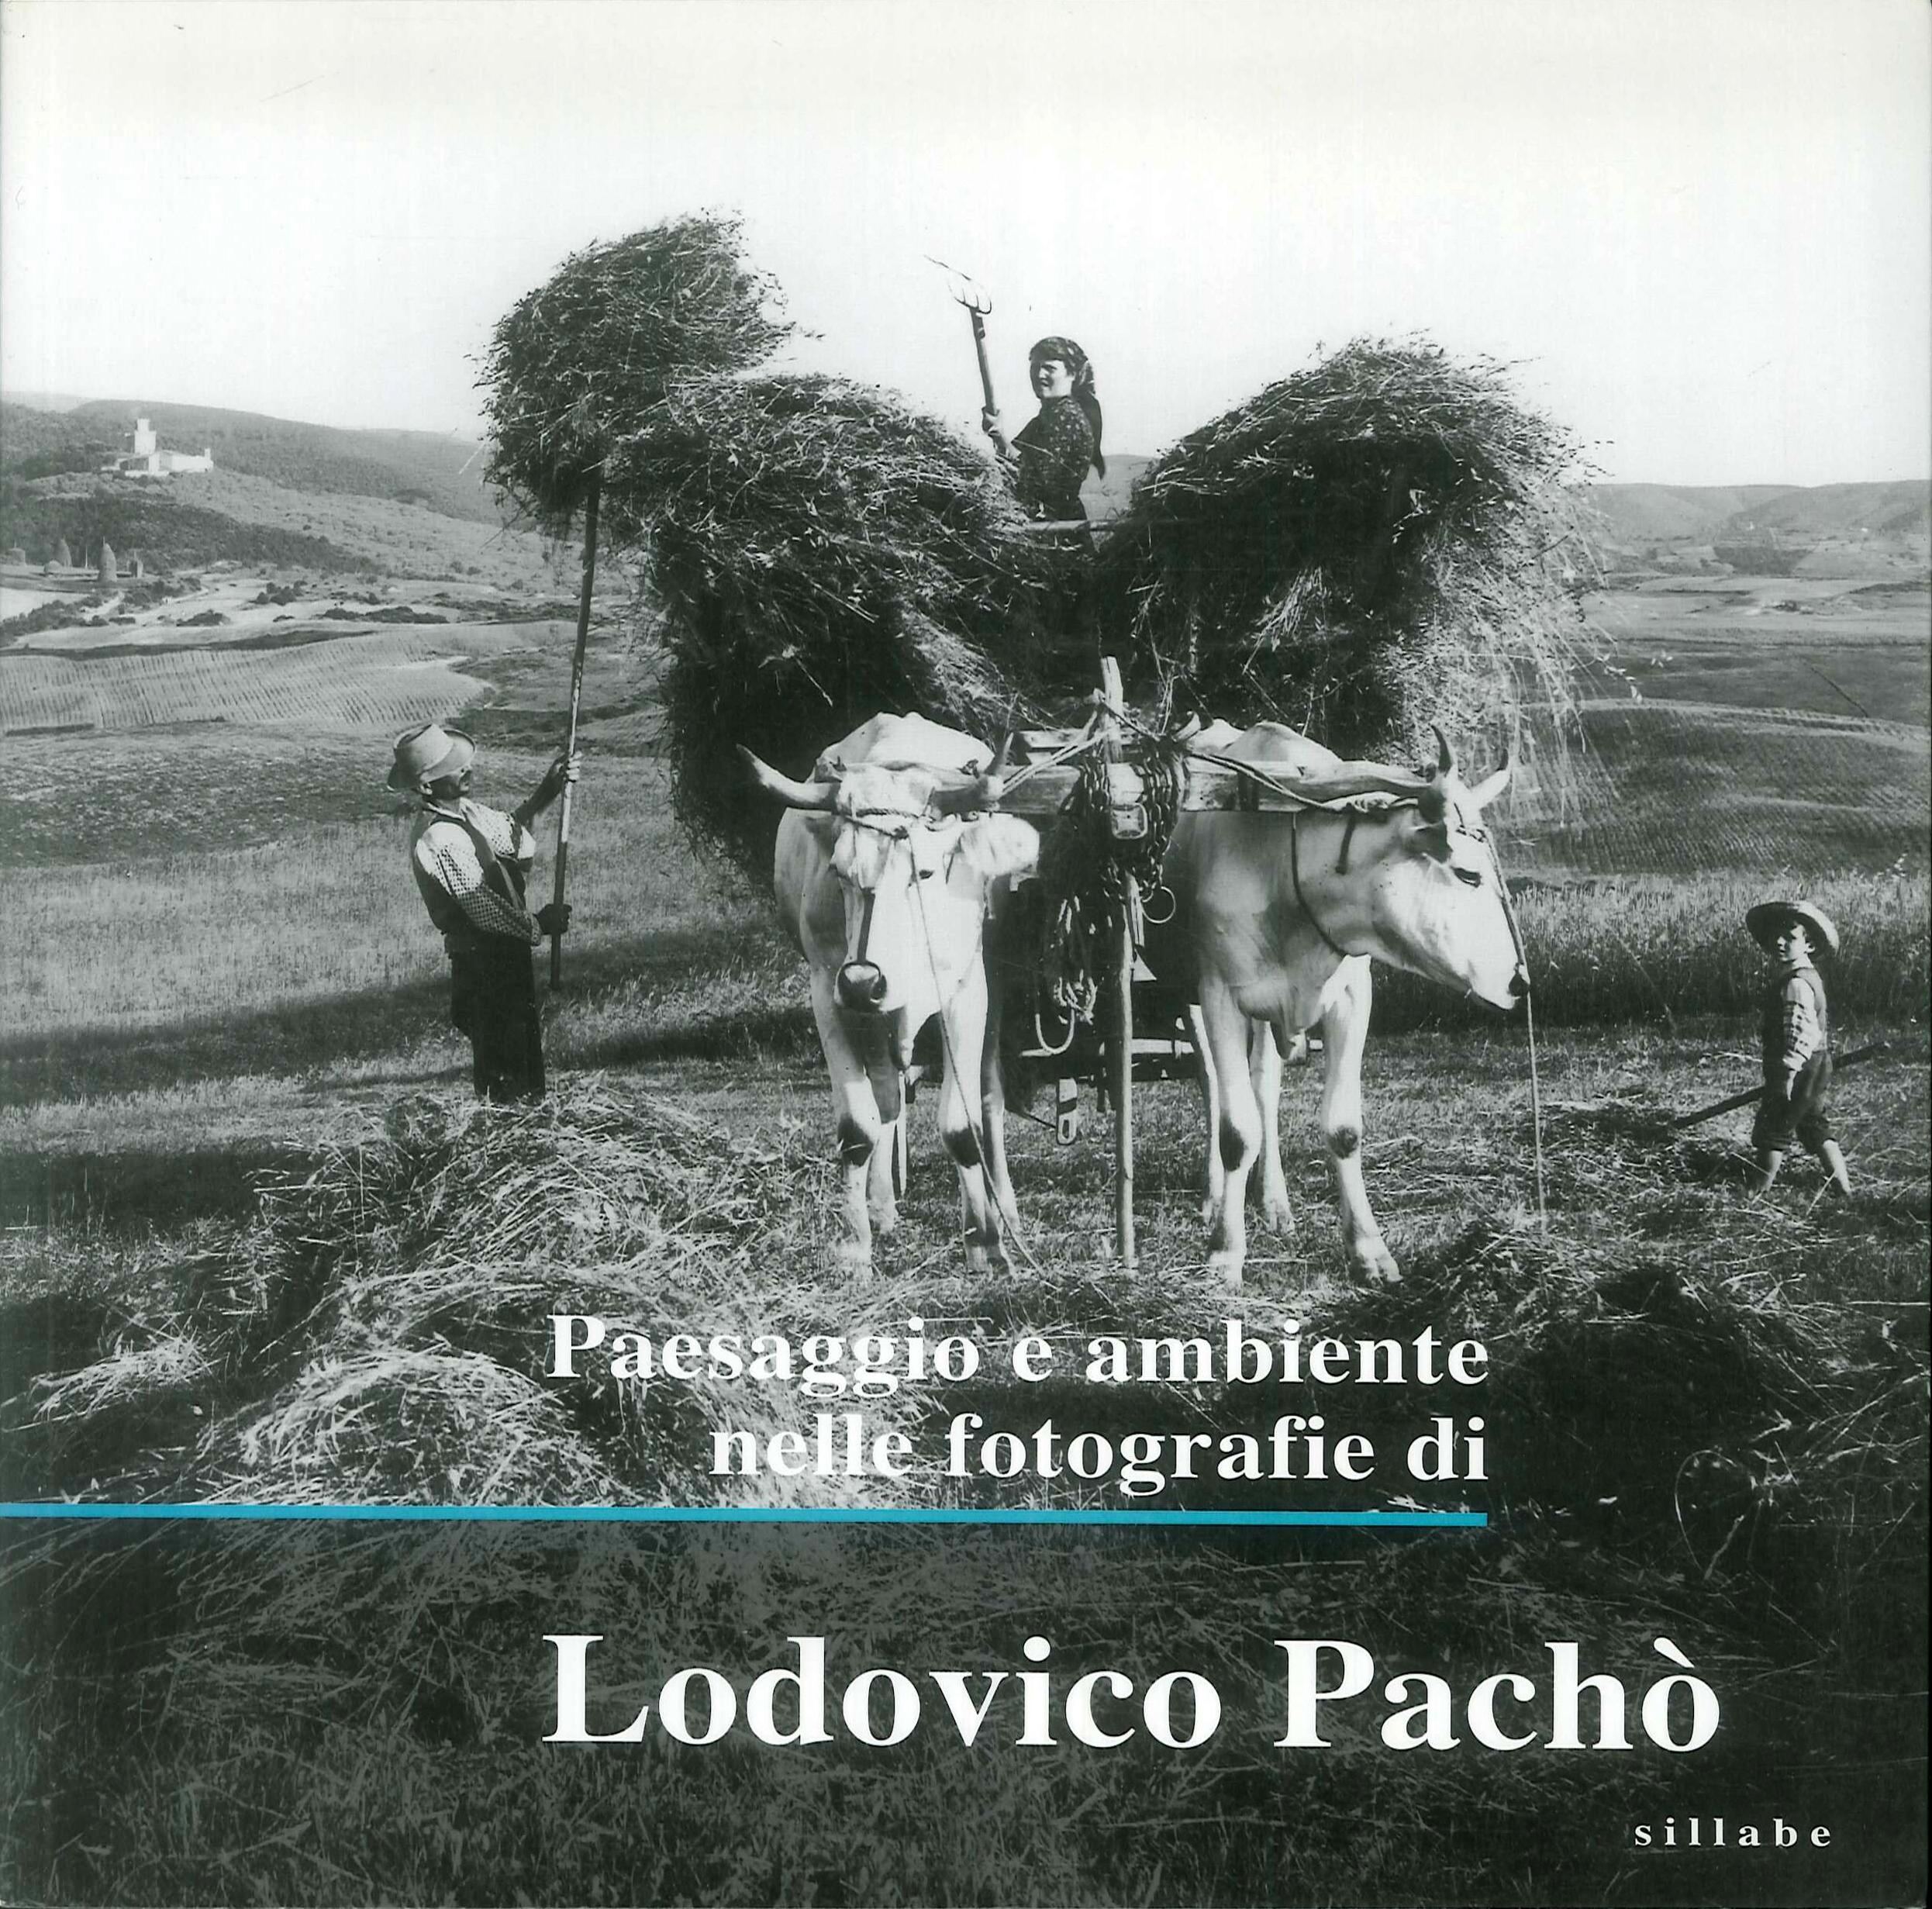 Paesaggio e ambiente nelle fotografie di Lodovico Pachò